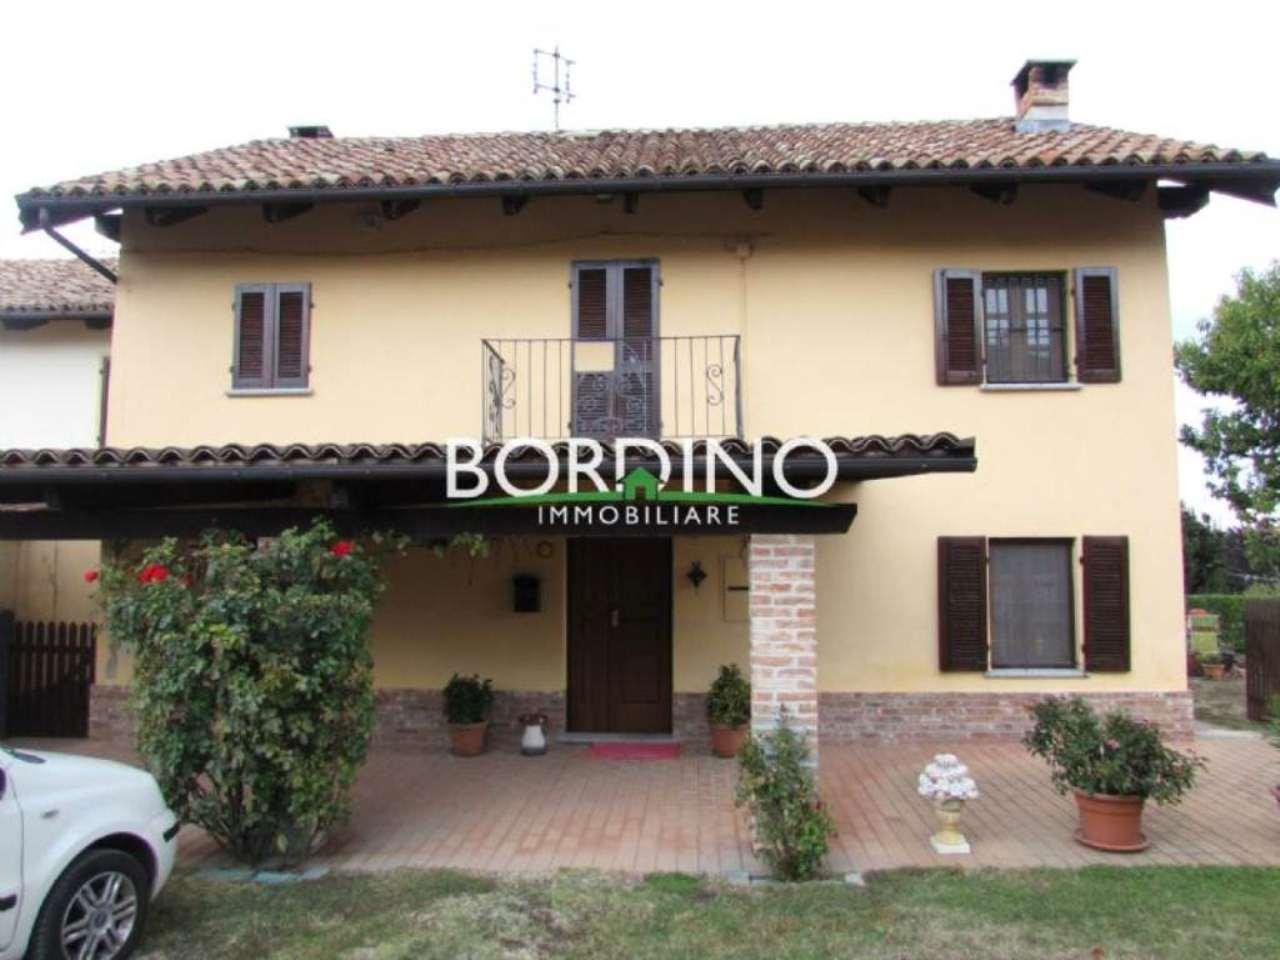 Soluzione Indipendente in vendita a Costigliole d'Asti, 5 locali, prezzo € 170.000 | CambioCasa.it